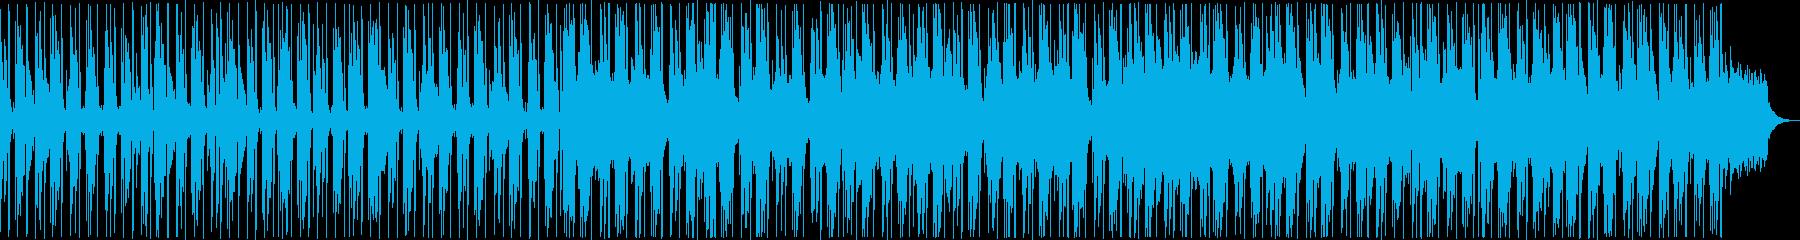 暗い洞窟の中のゆったりアンビエントテクノの再生済みの波形